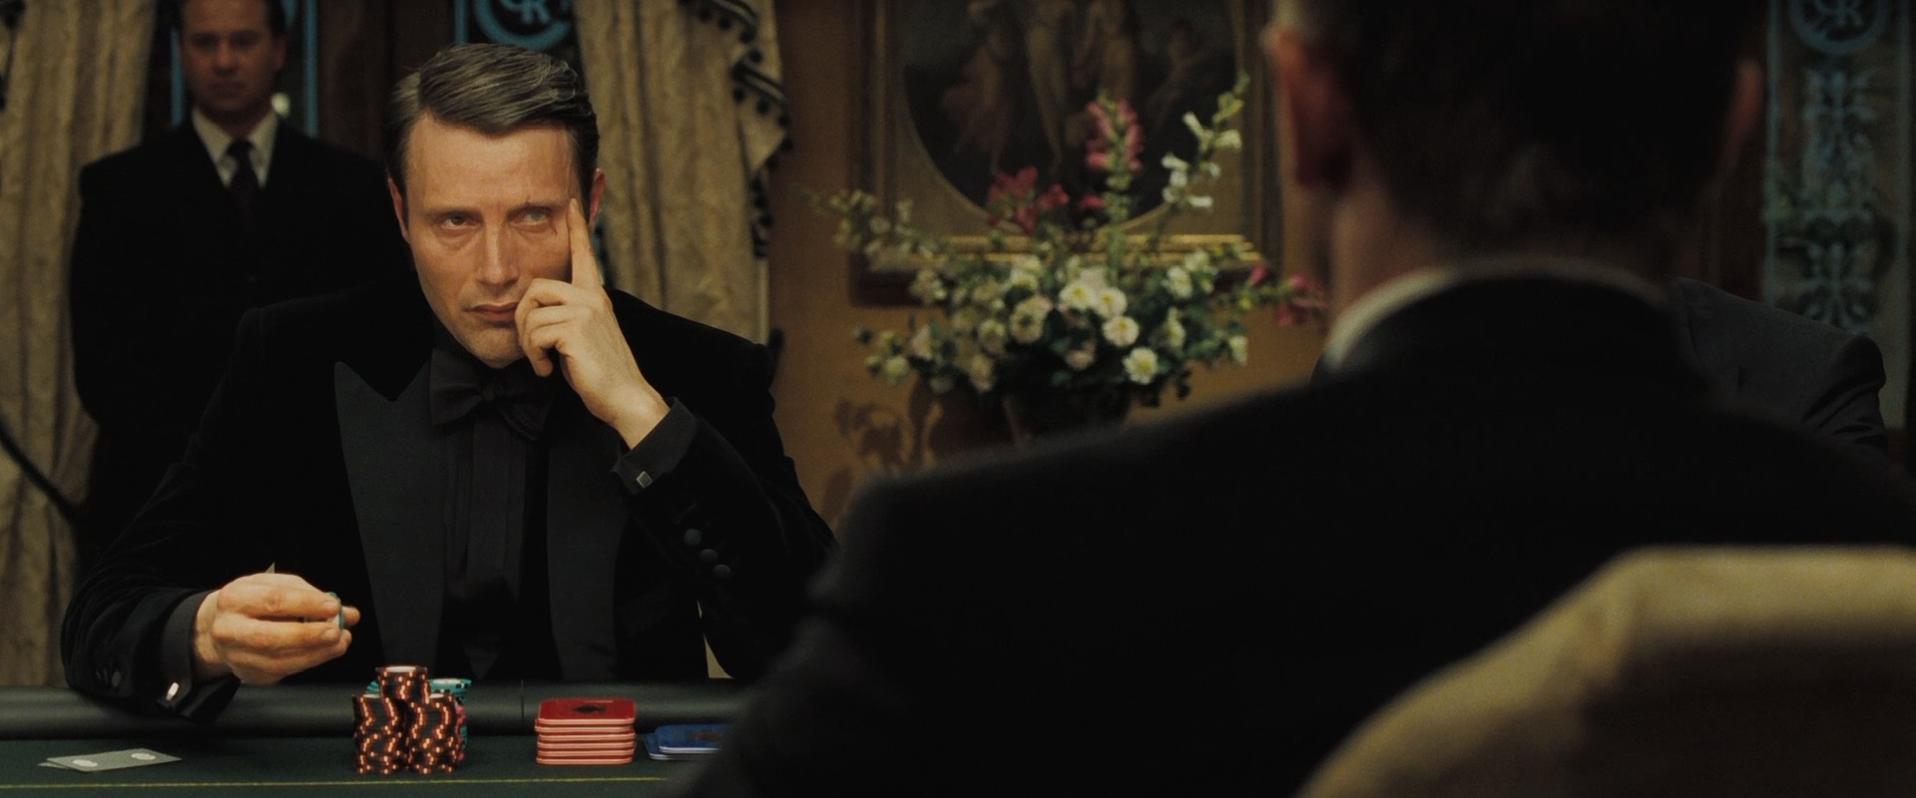 007 casino royale wikipedia